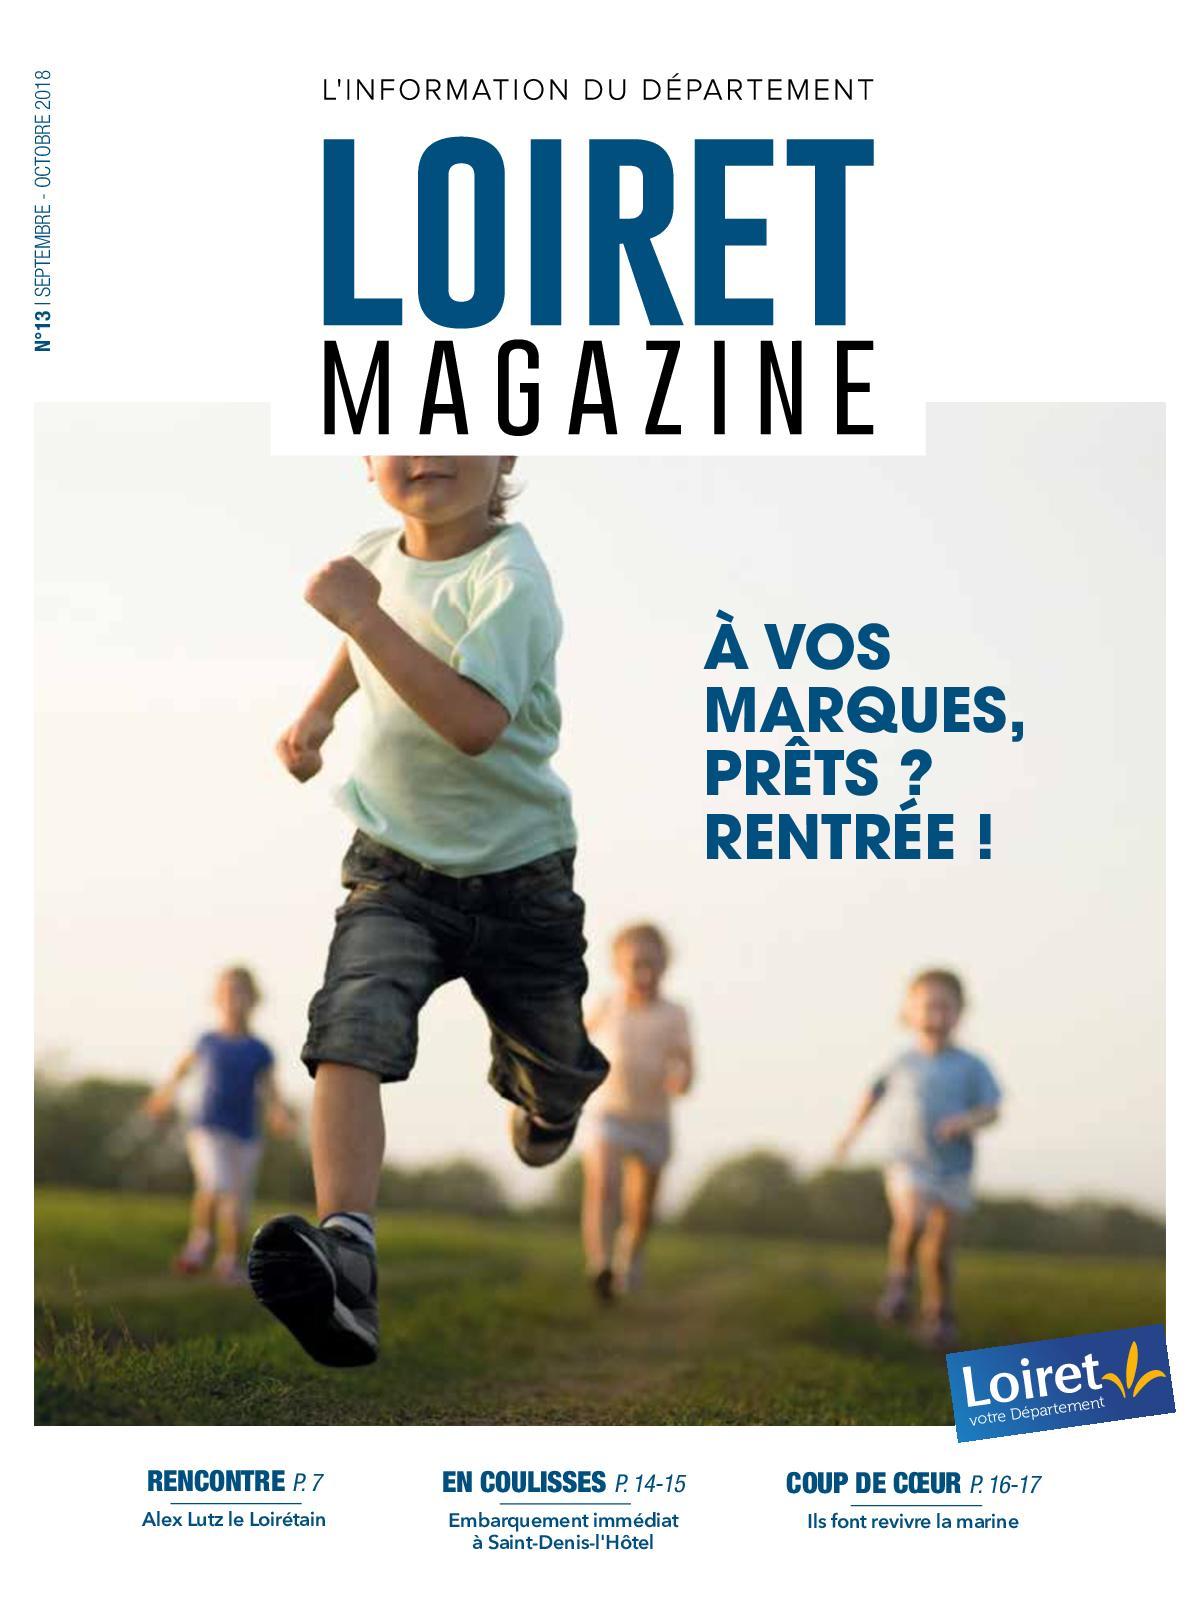 Conforama Montargis Rue Des Frères Lumière Villemandeur calaméo - loiret magazine n°13 (septembre-octobre 2018)